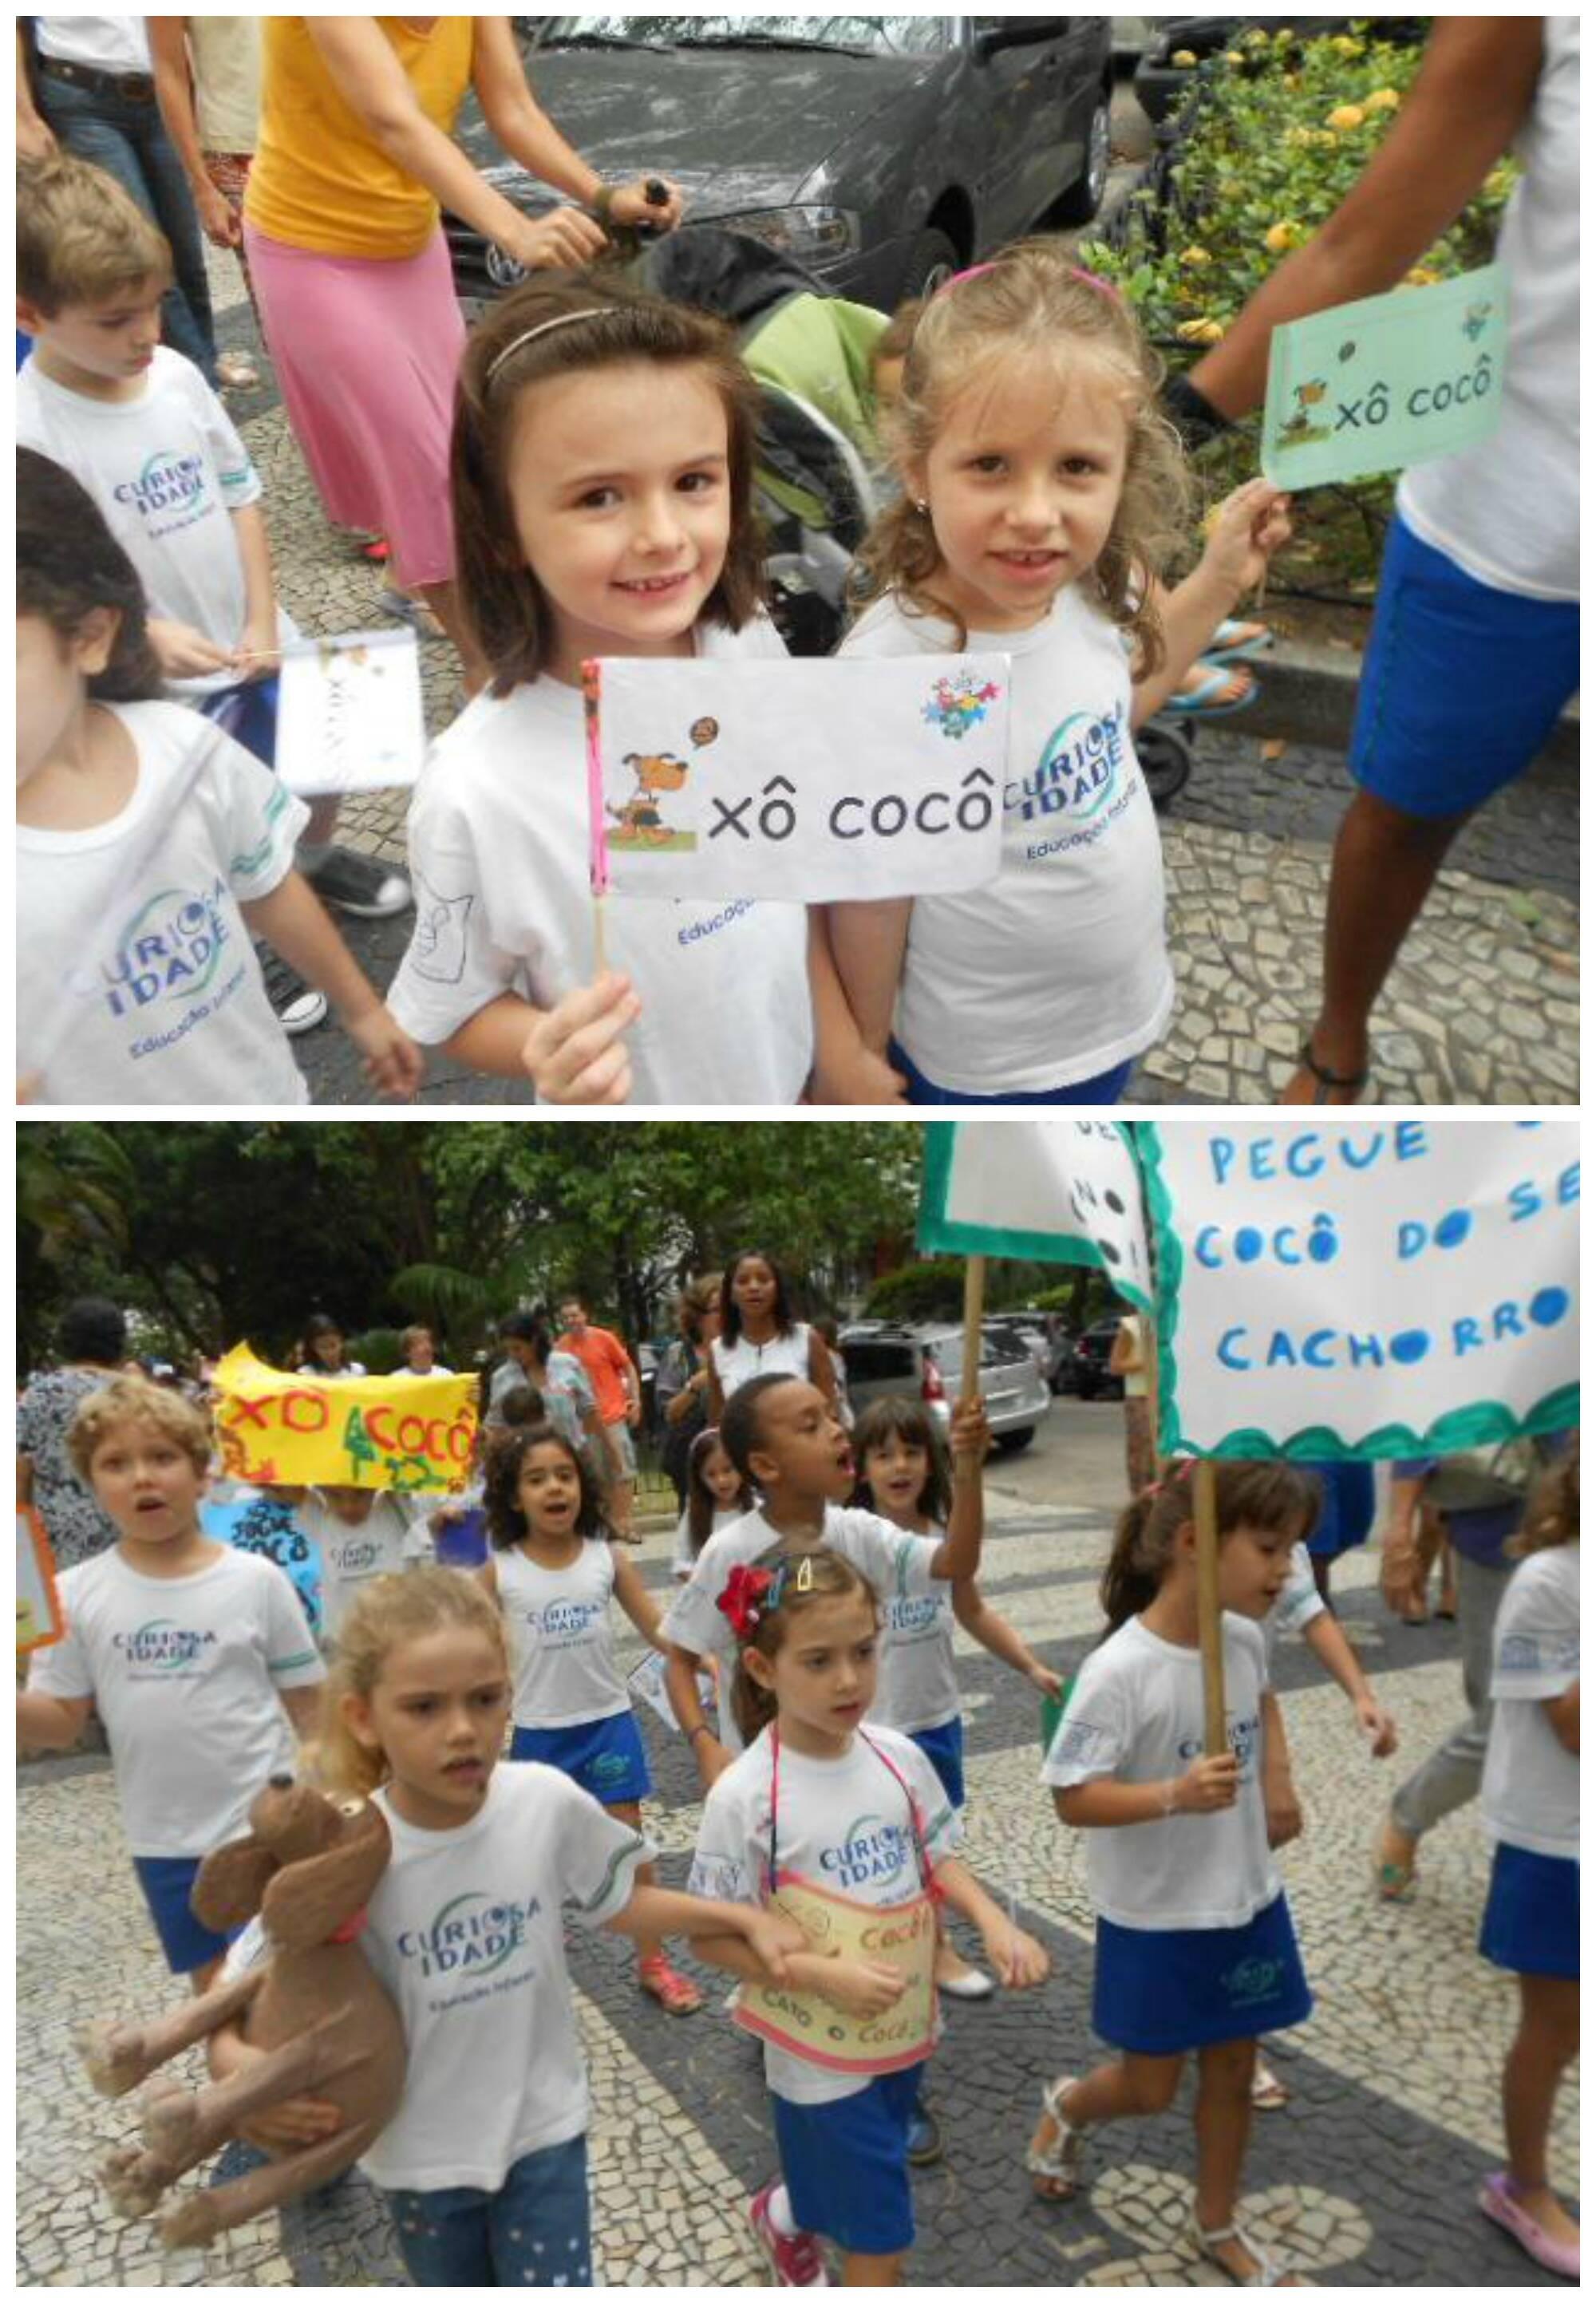 Nesta terça-feira, mais uma vez as crianças de Laranjeiras saem às ruas no seu protesto por calçadas limpas / Foto: acervo da escola Curiosa Idade